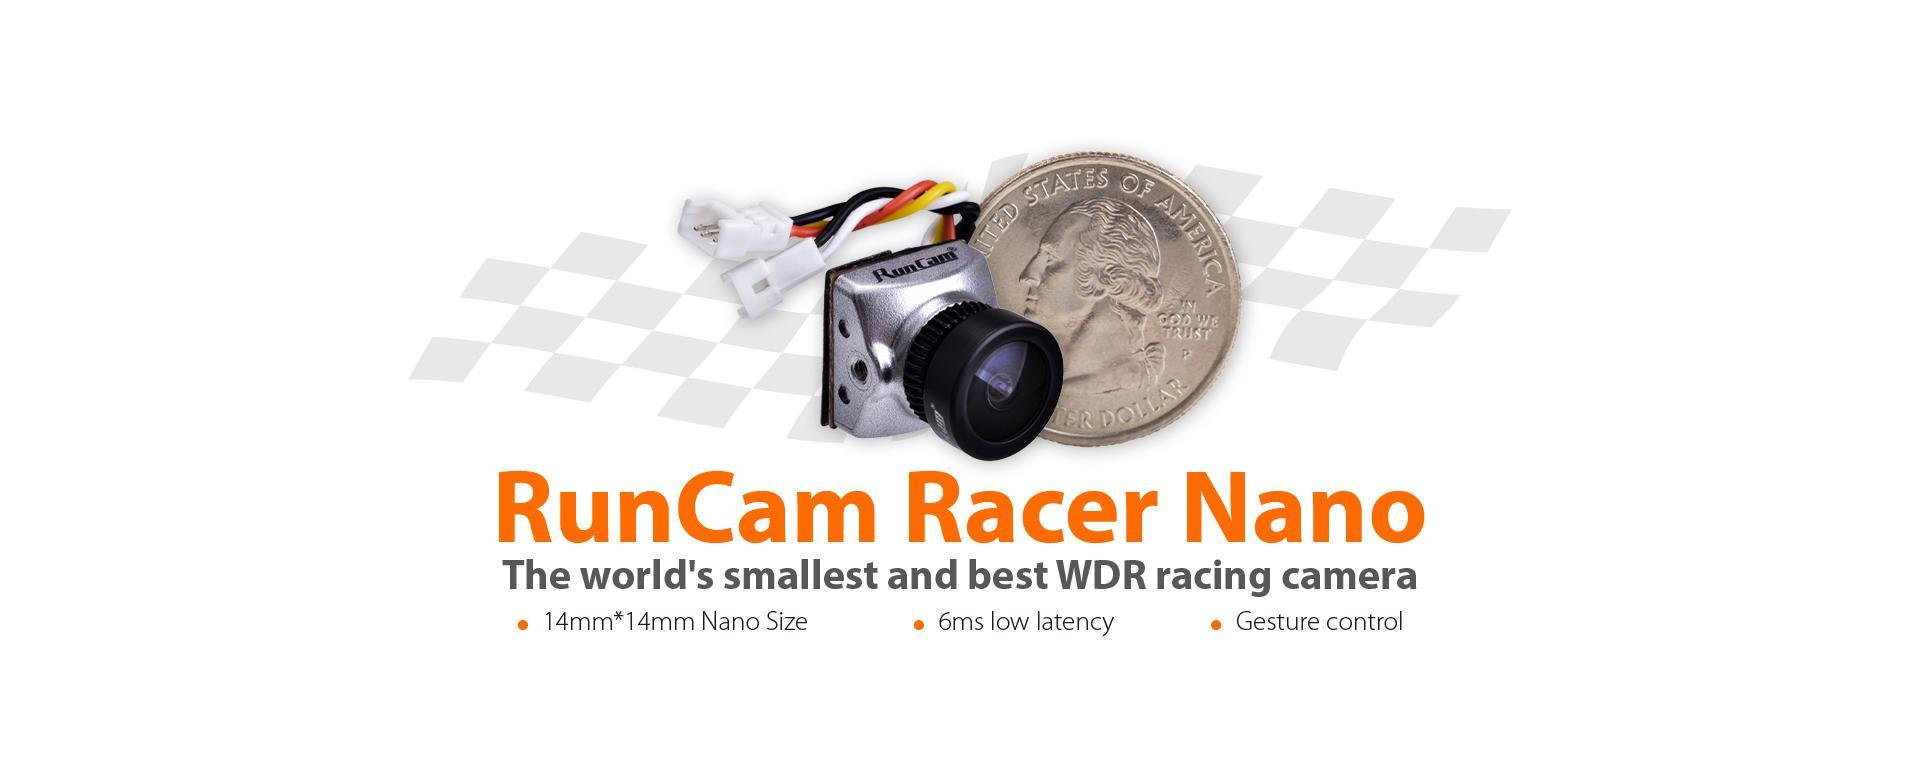 runcam racer nano size